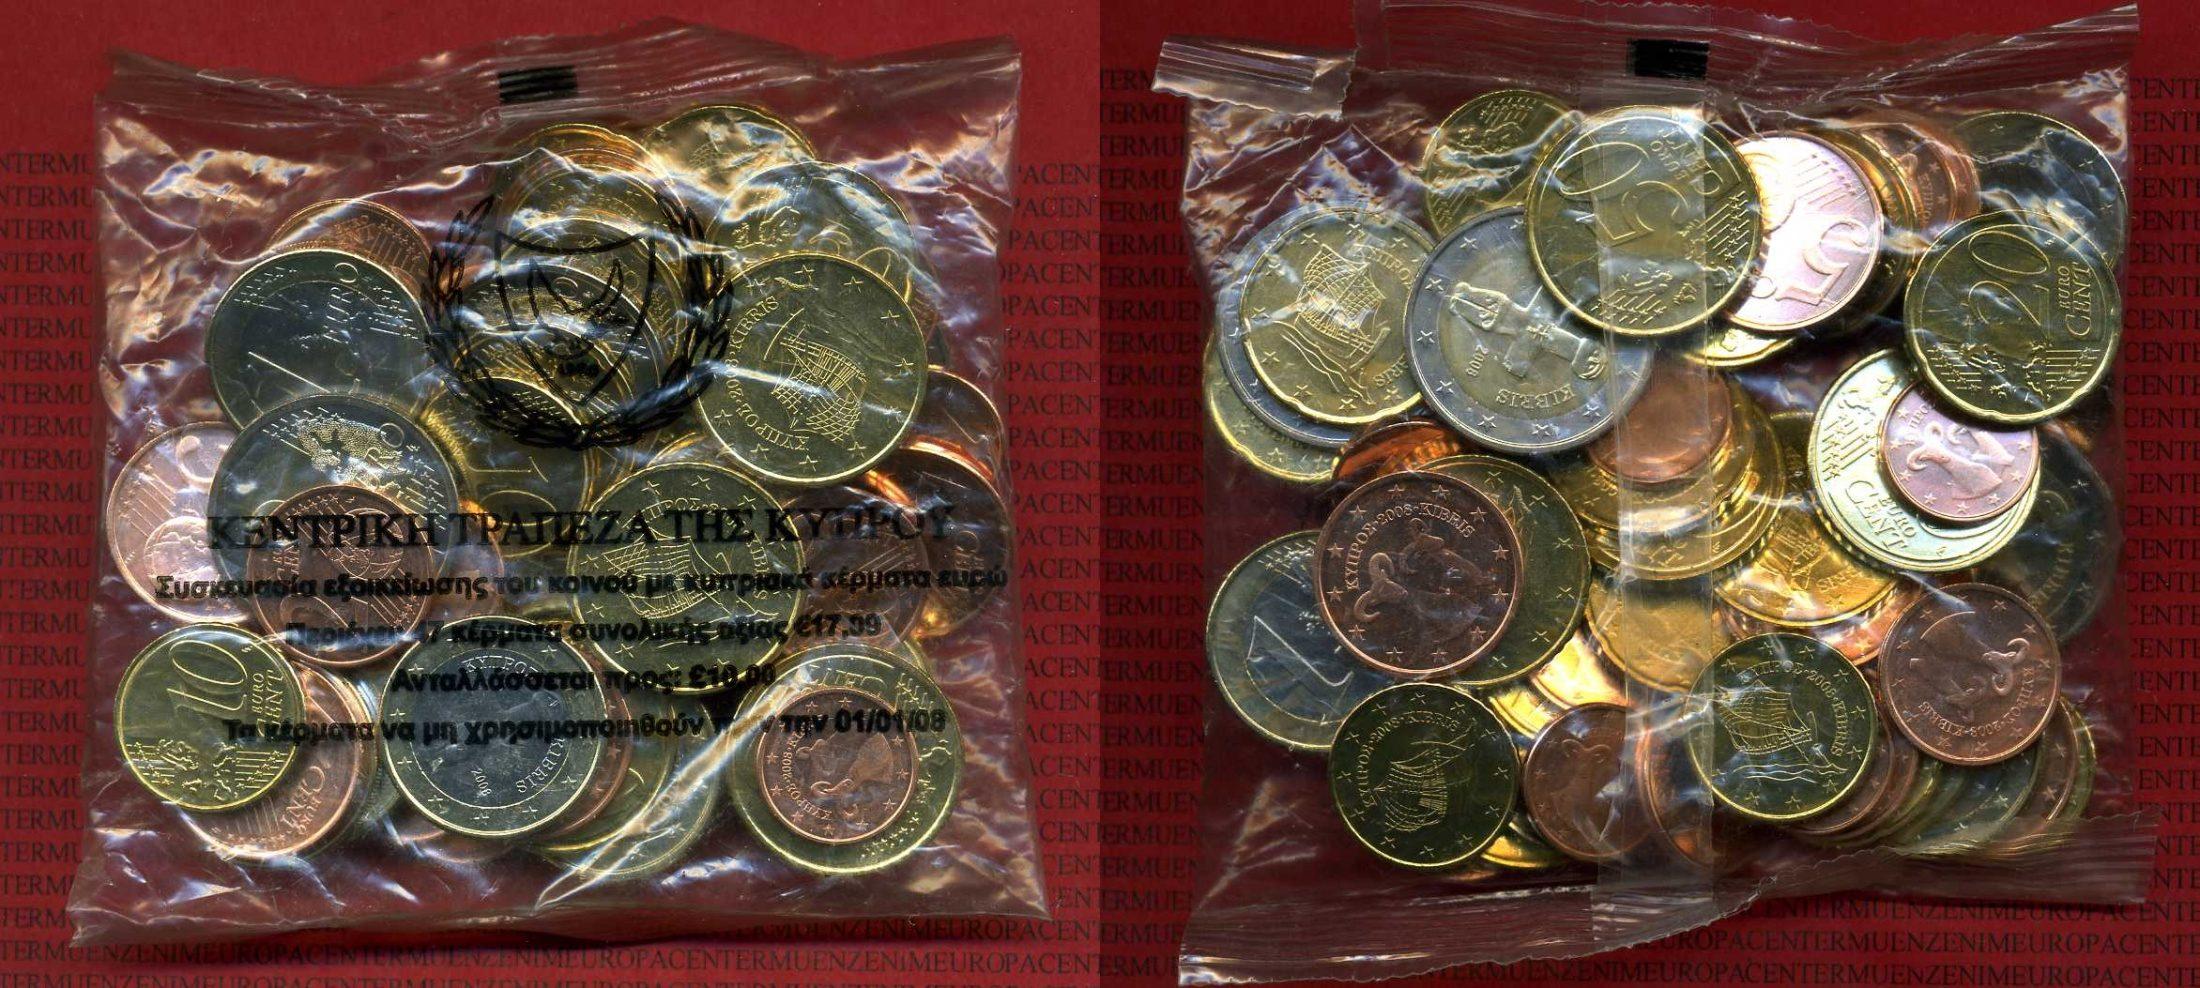 Euro Starter Kit 2008 Zypern Starterkit 47 Münzen Gesamtwert 17,09 Euro Kupfer-nickel